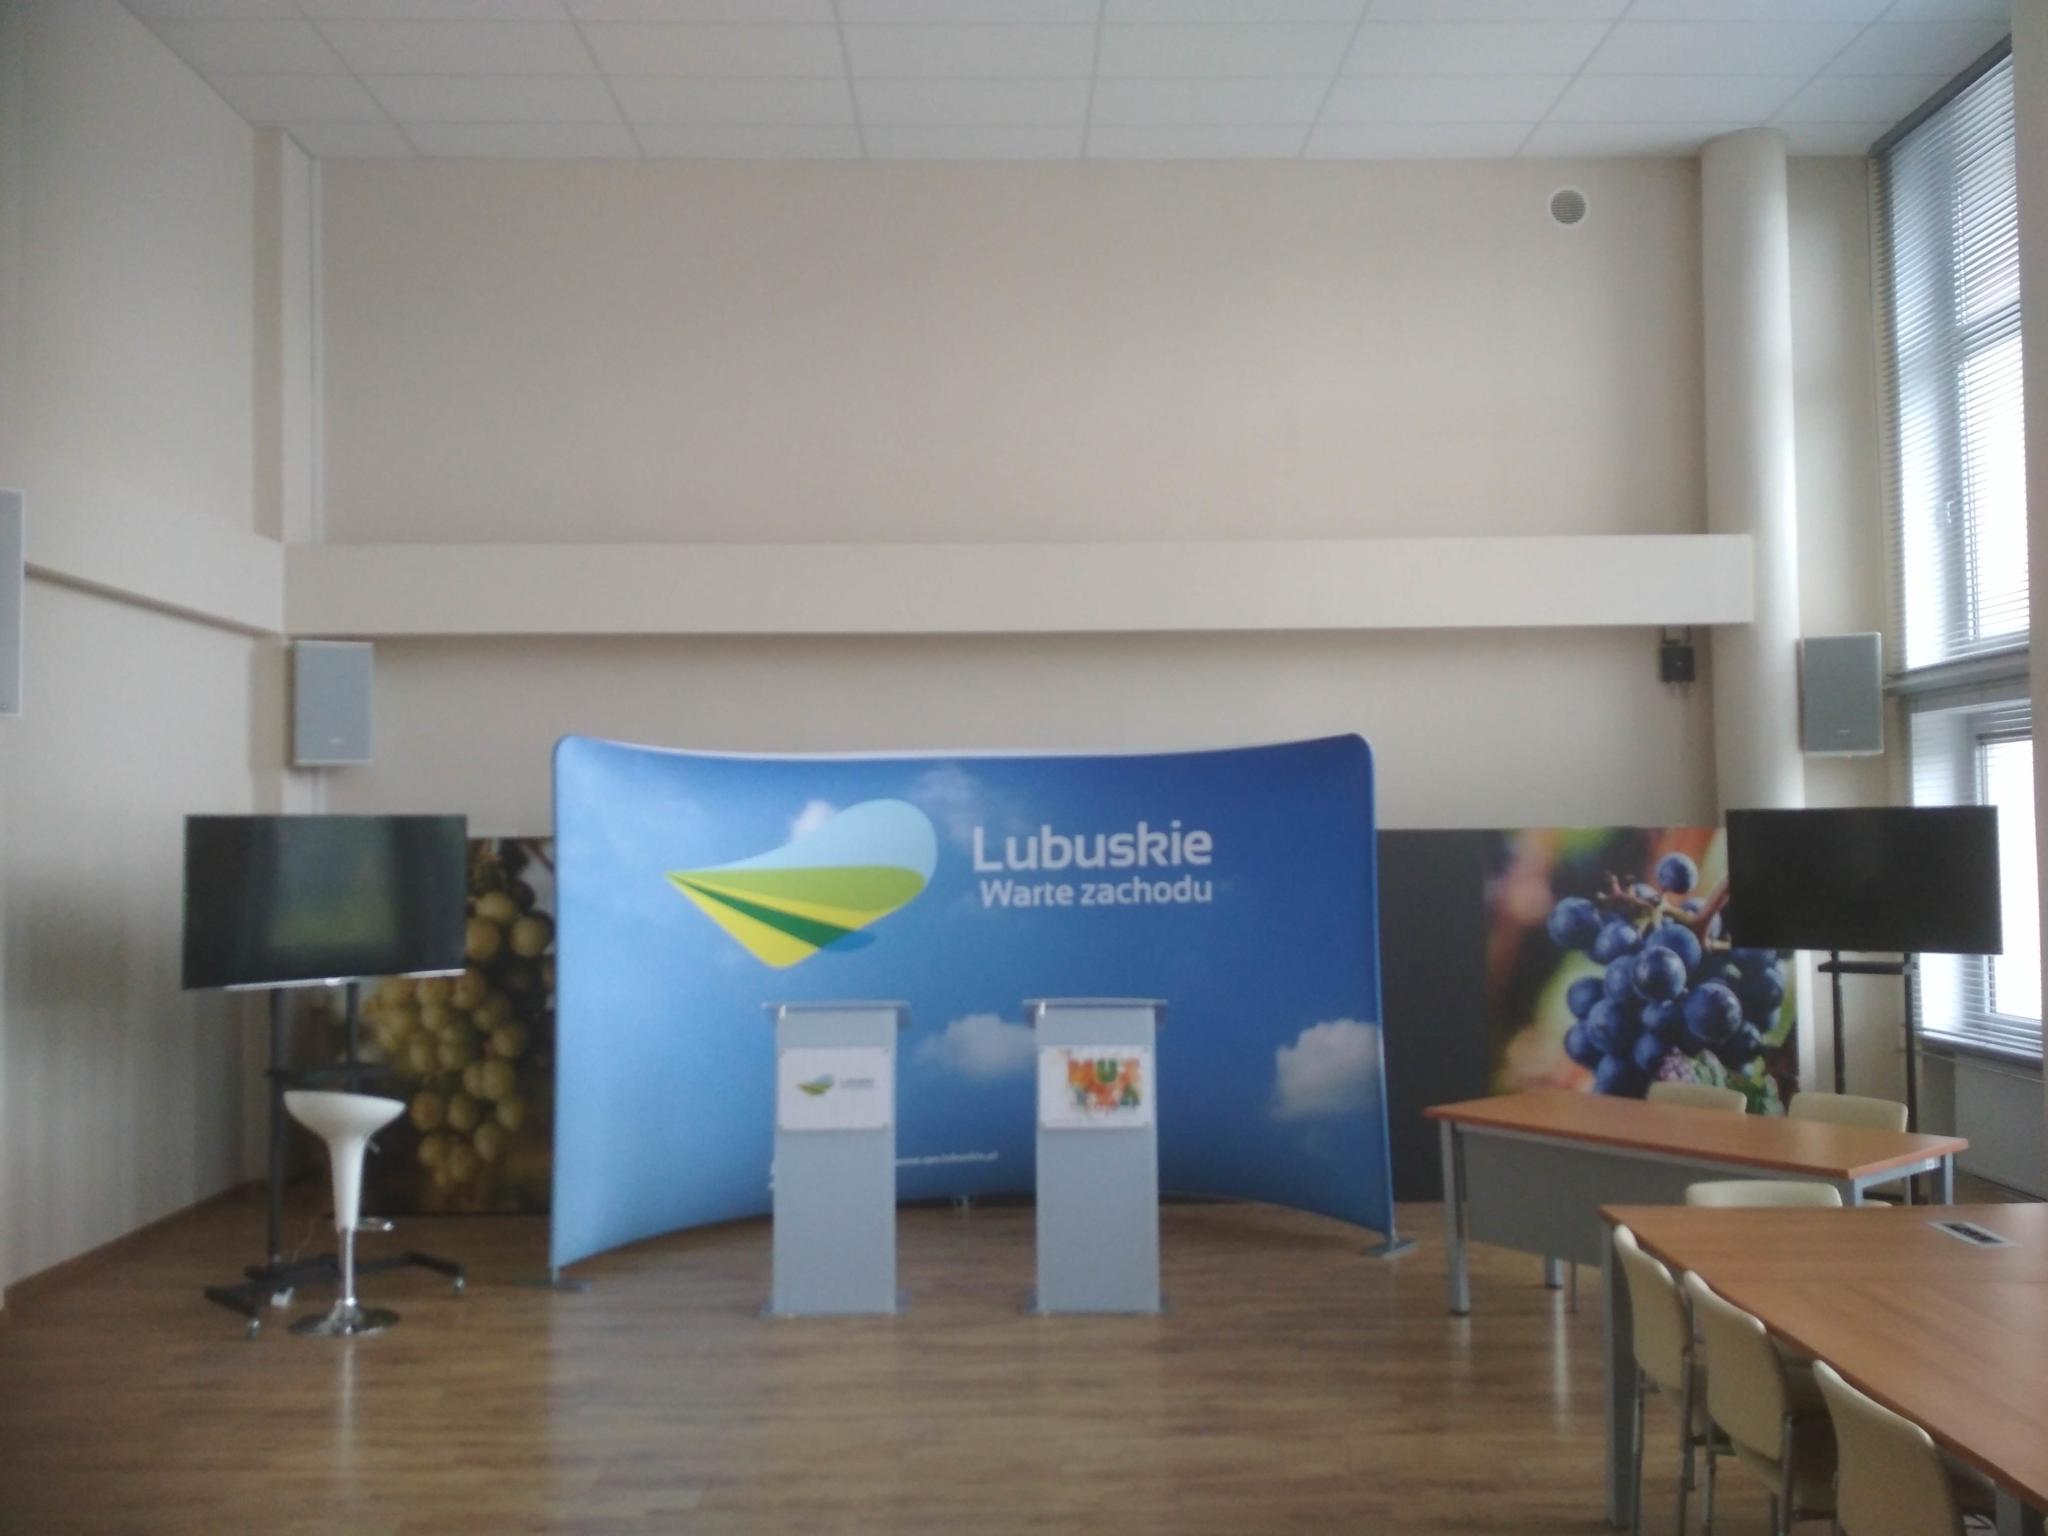 Nagłośnienie sali konferencyjnej Urzędu Marszałkowskiego